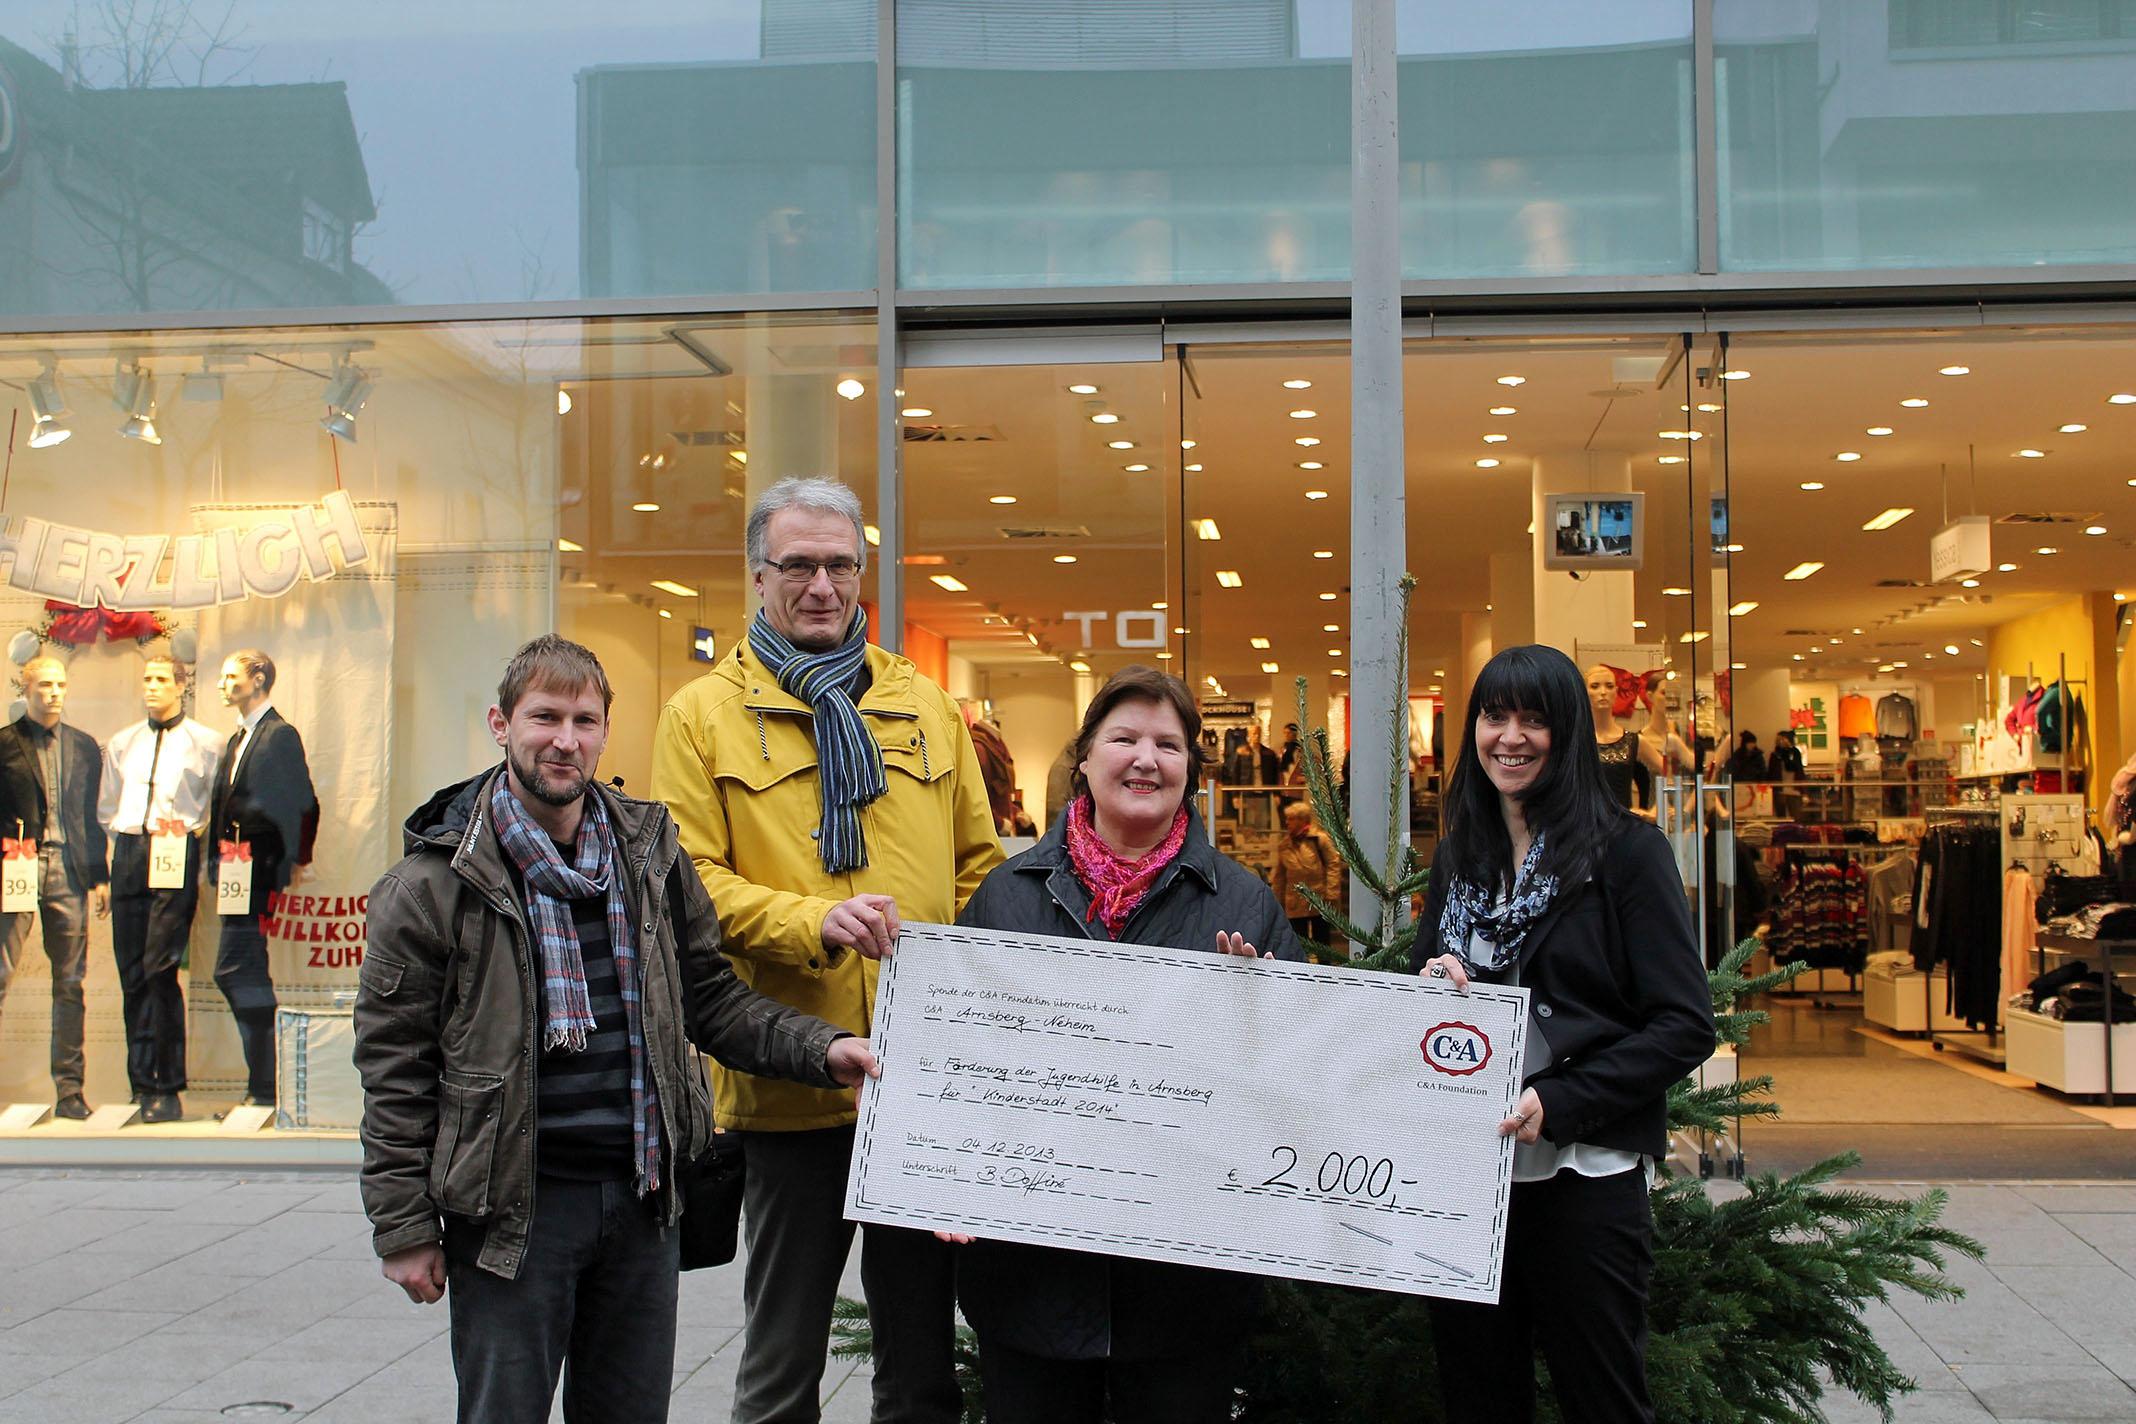 Die Übergabe des Spendenschecks für die Kinderstadt 2014 vor der C&A-Filiale in der Neheimer Fußgängerzone.